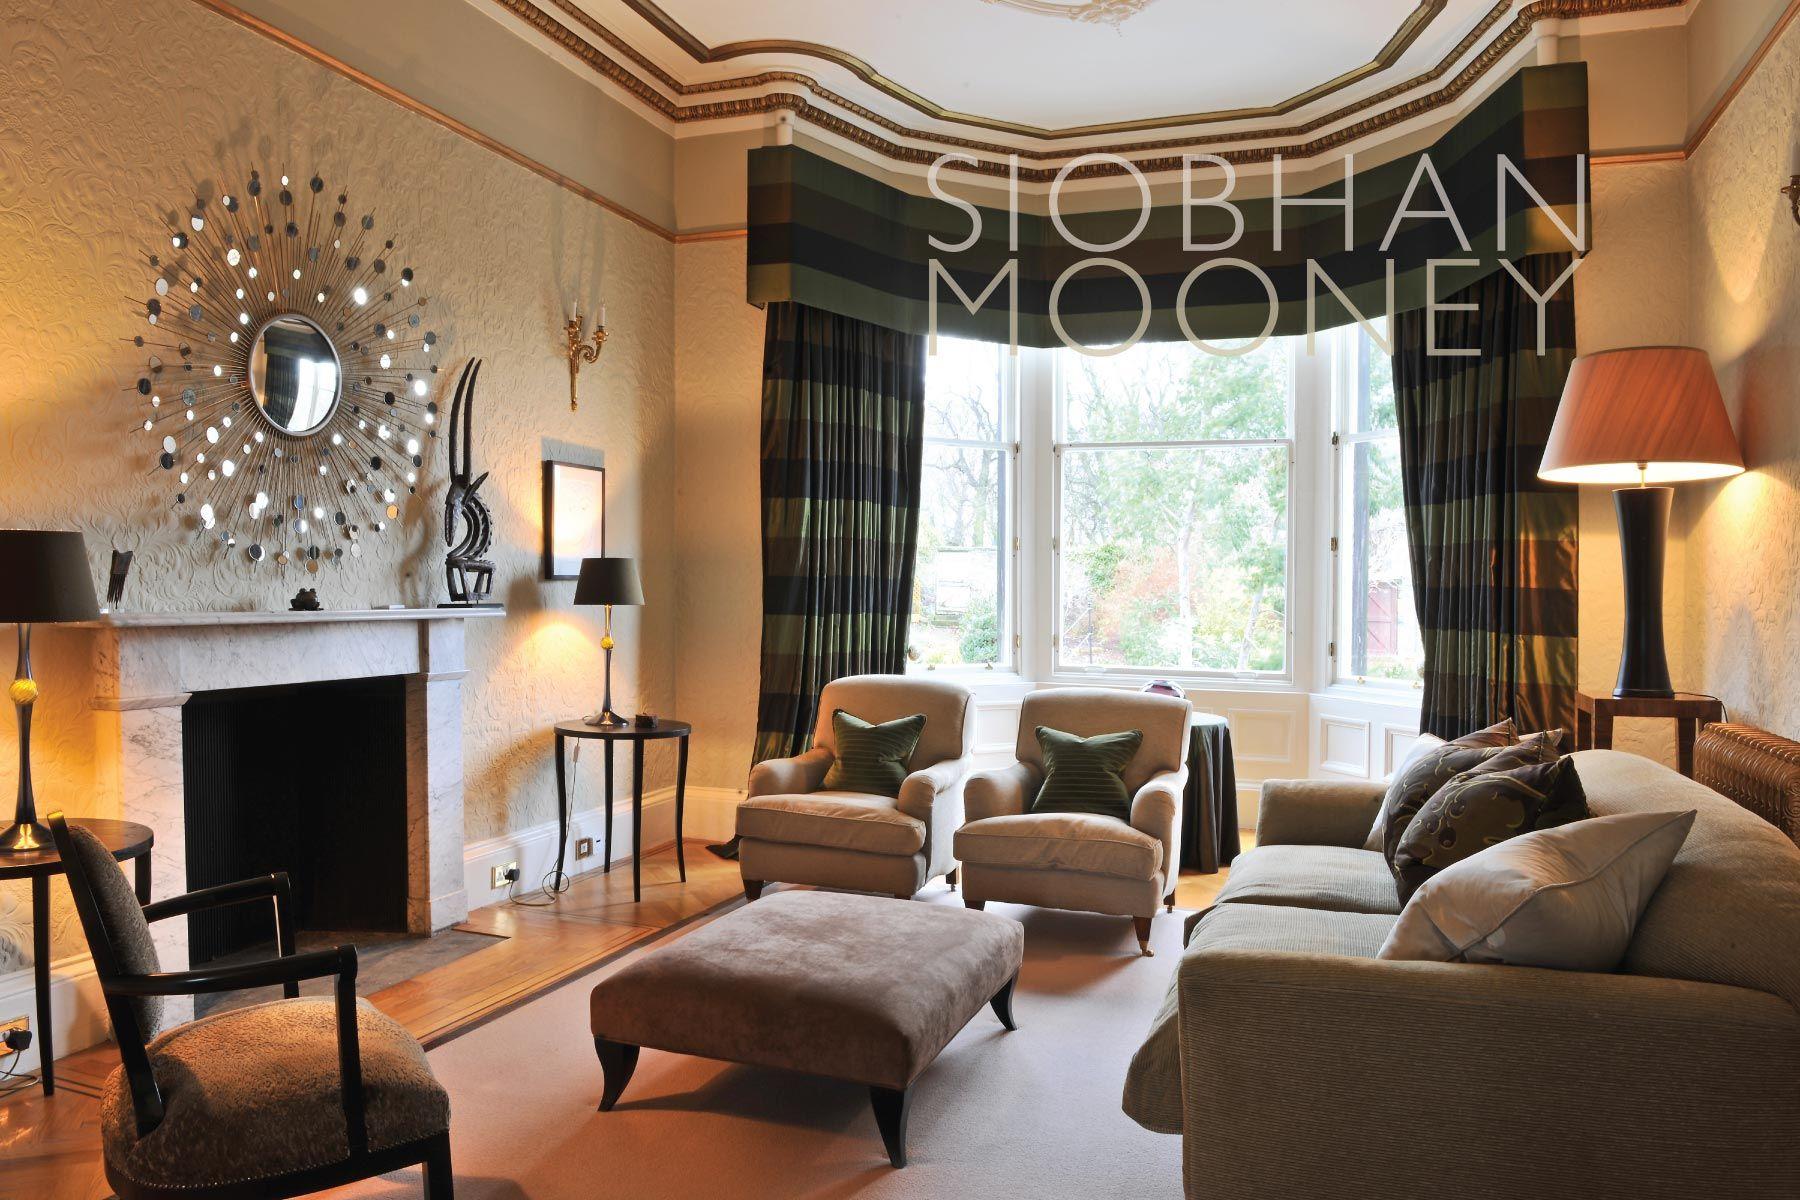 siobhan mooney interior design edinburgh portfolio concepts